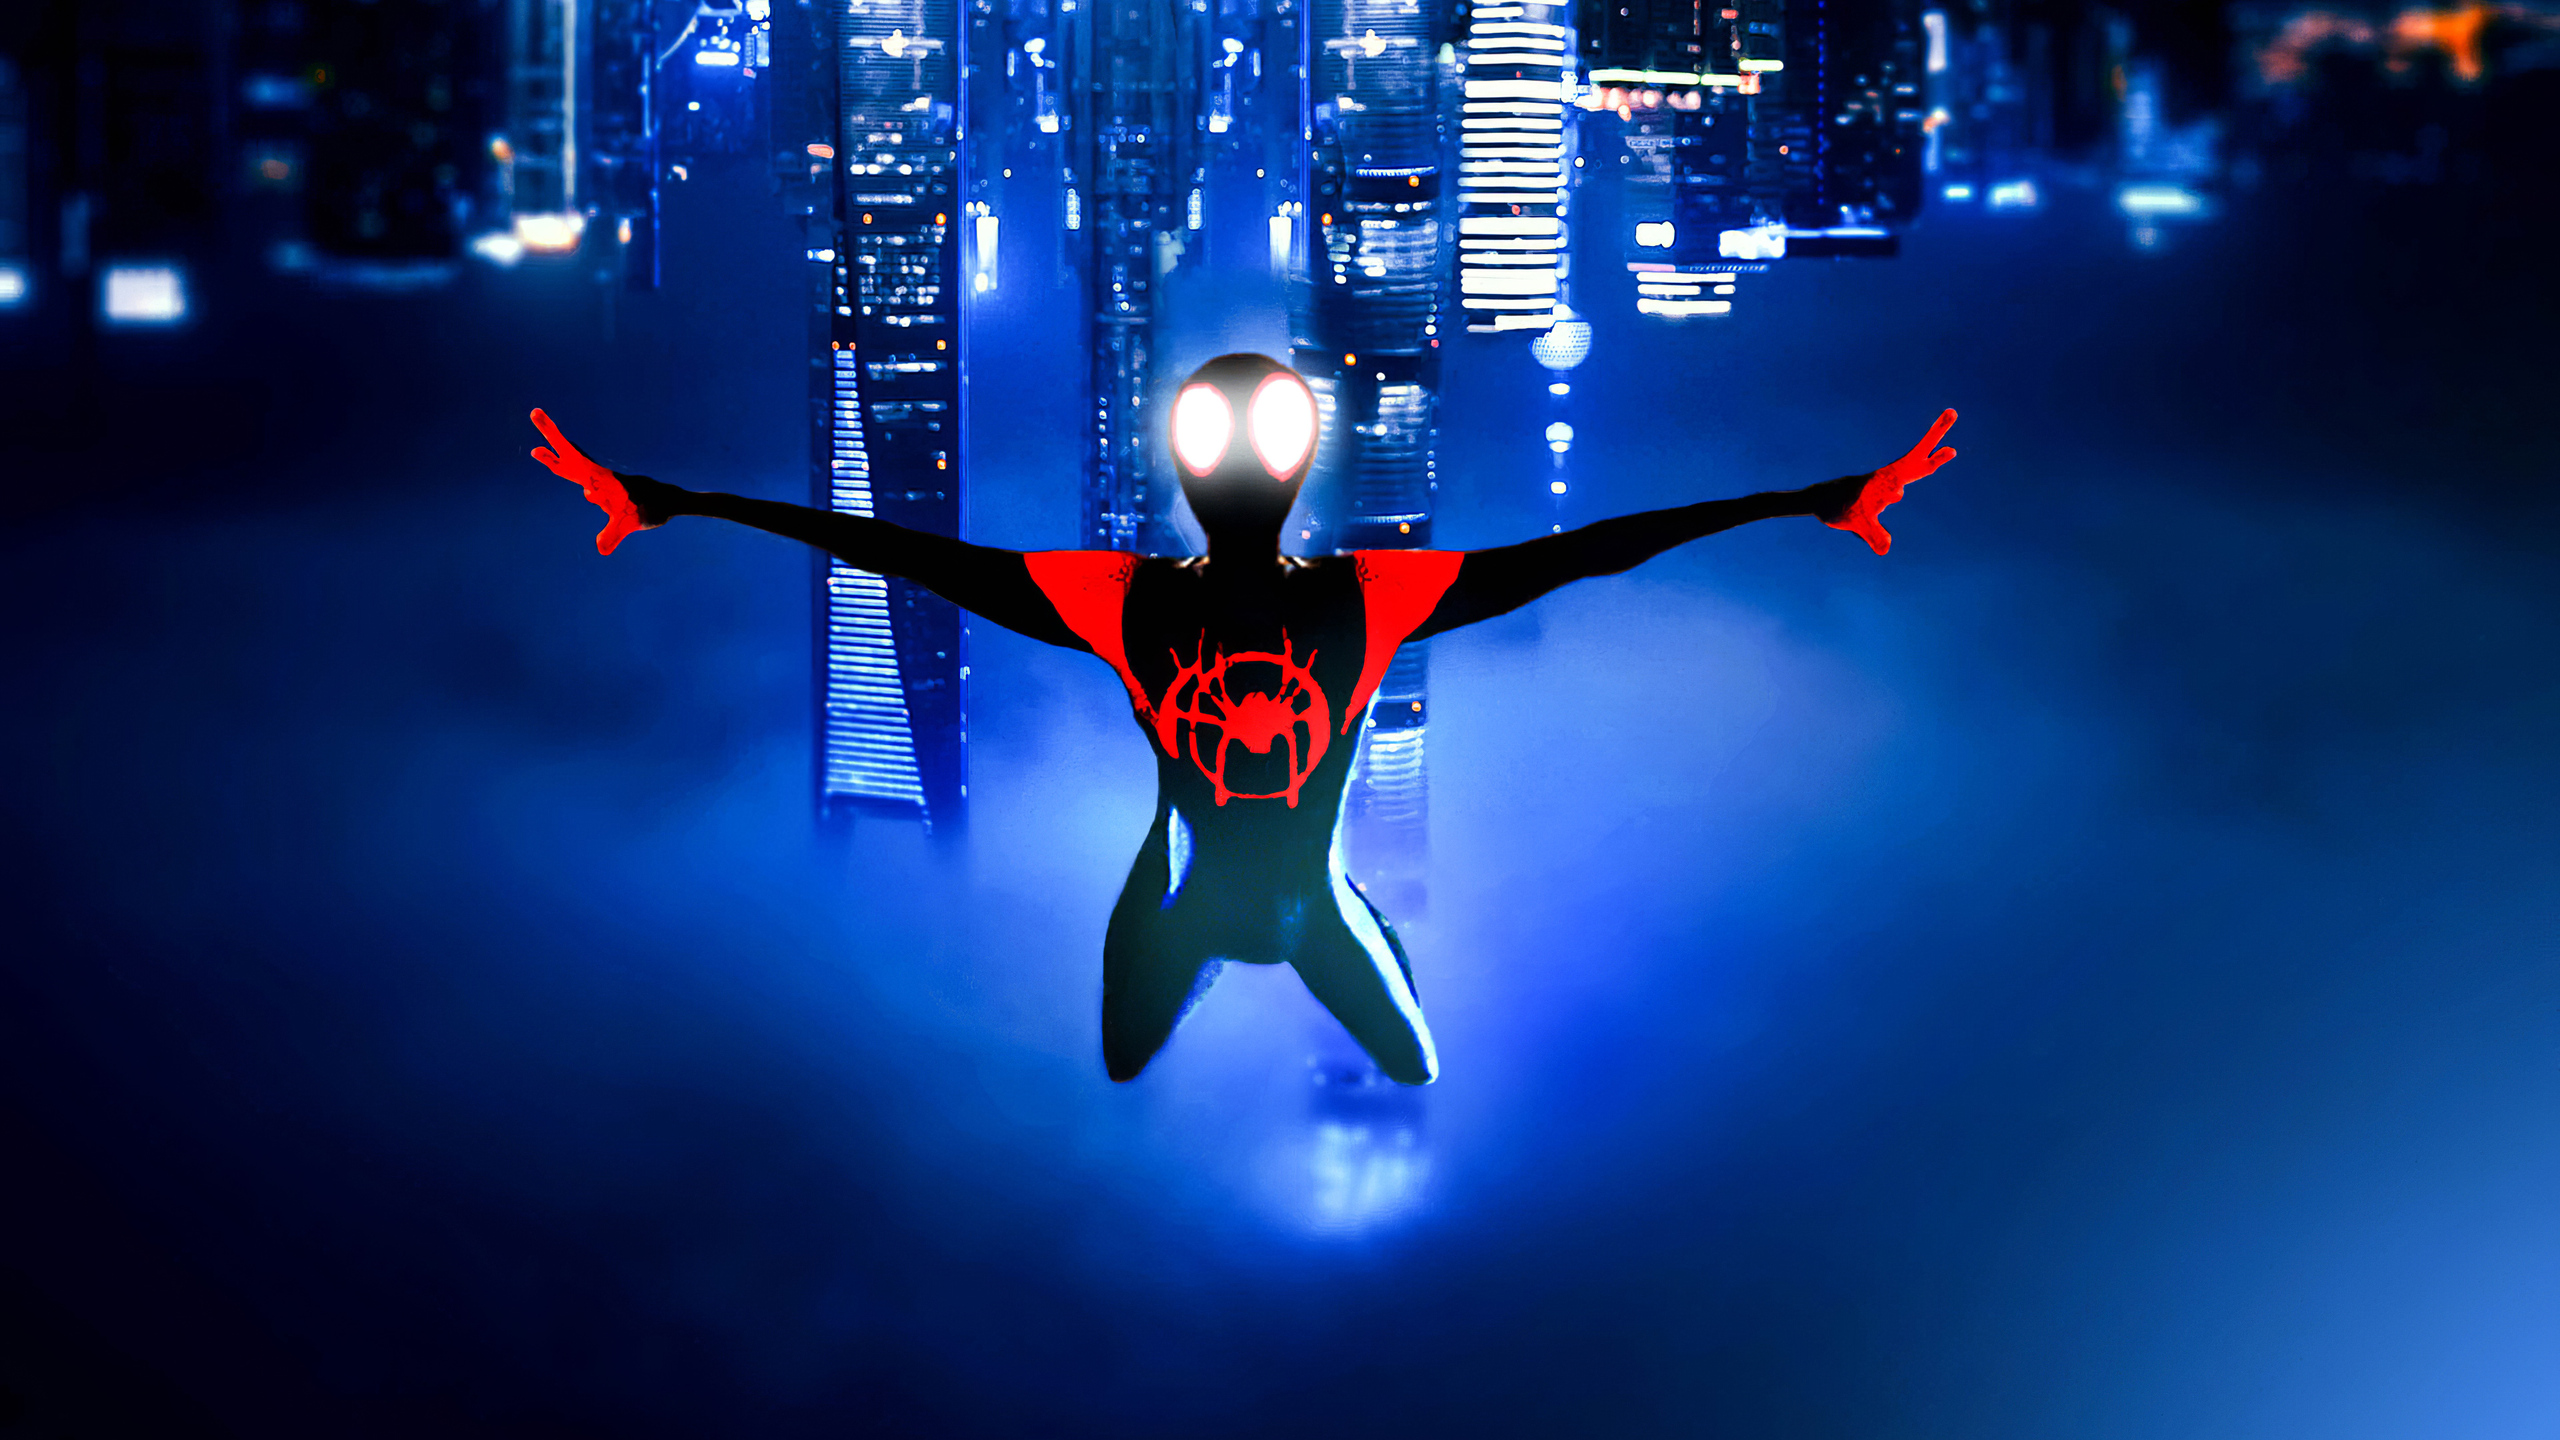 spiderman-upside-down-4k-6n.jpg